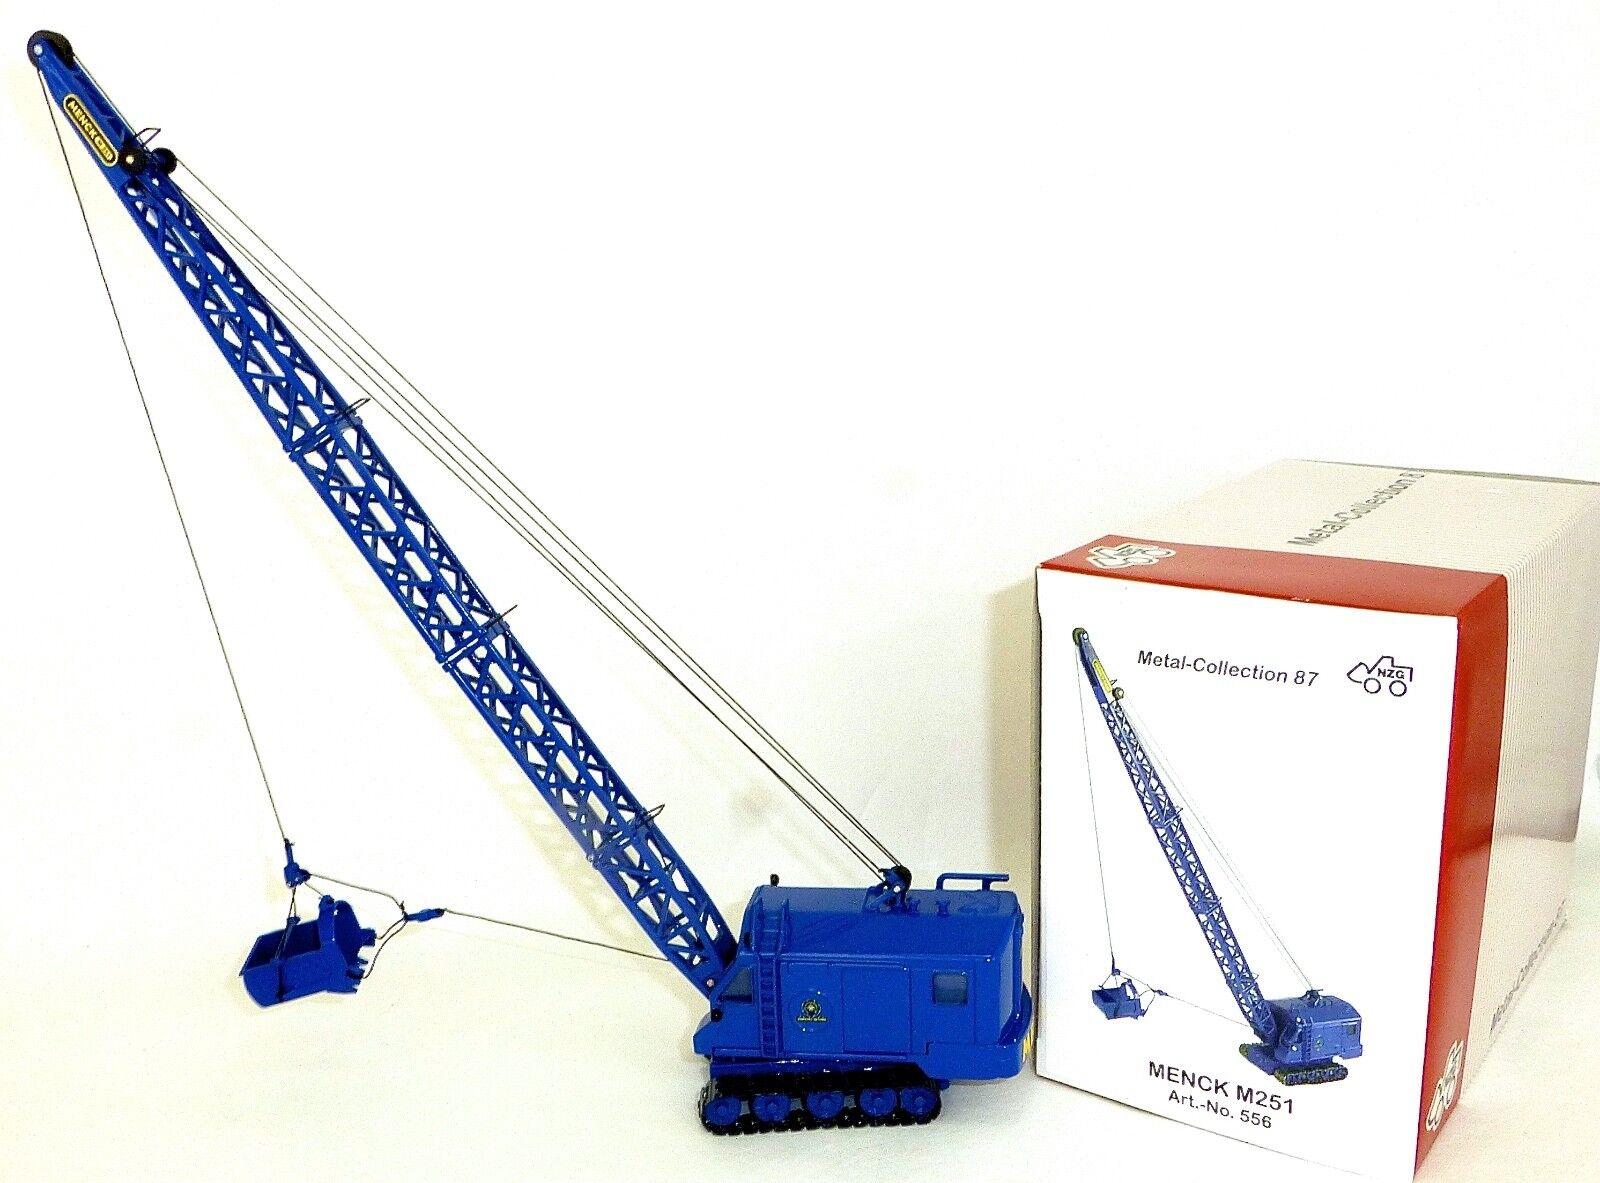 Mahmood M251 Excavadora blue de Cable Nzg Nzg Nzg 556 Metal Collection 1 87 Emb.orig 4961d7